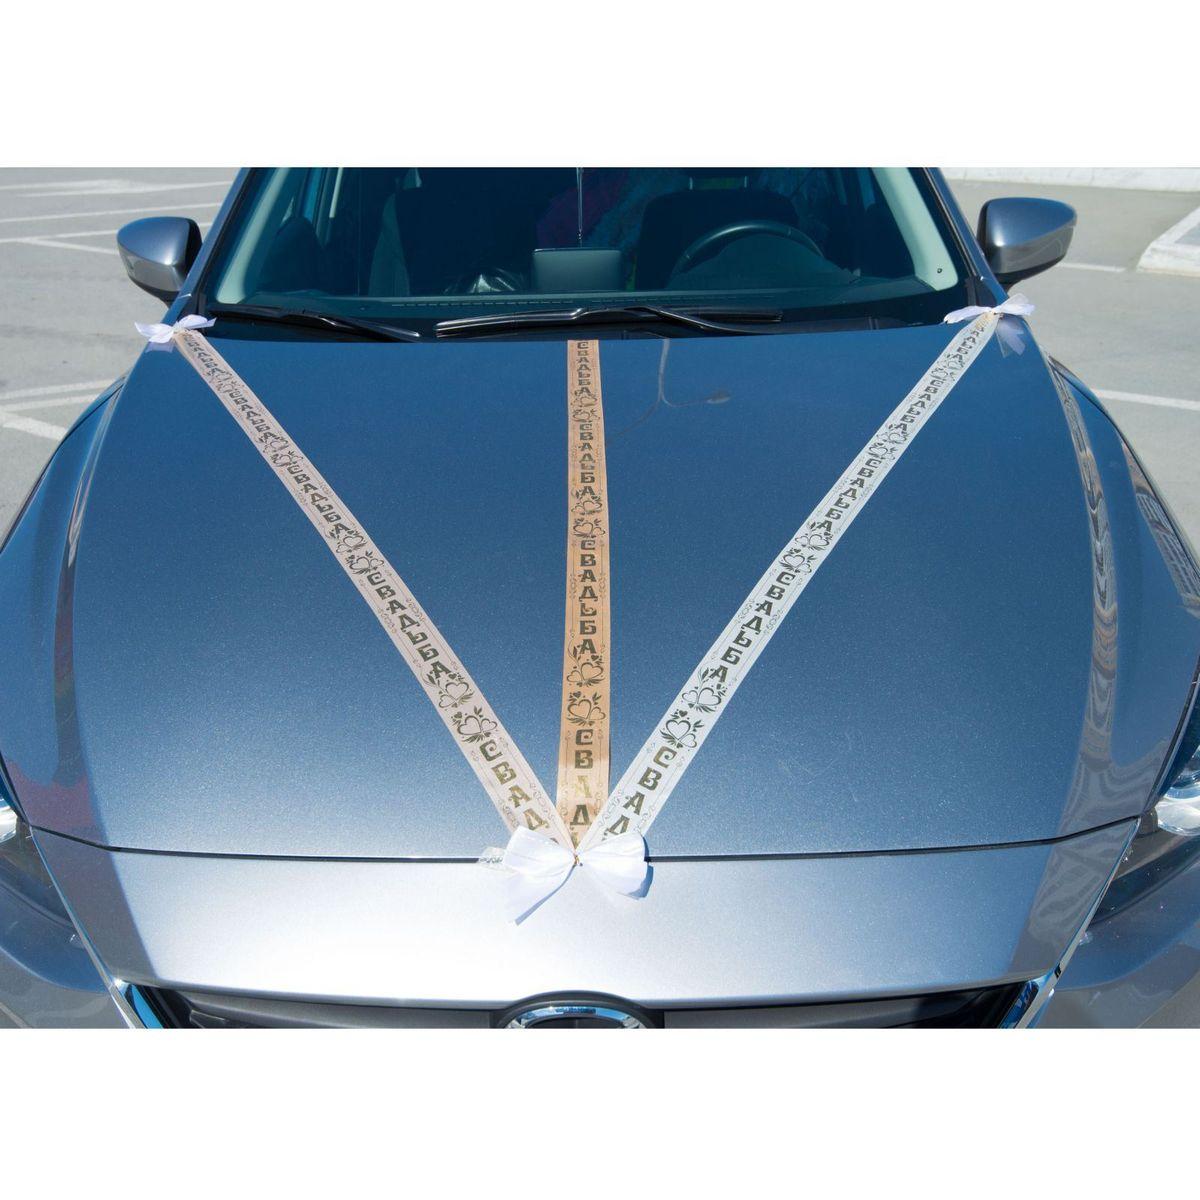 Sima-land Набор лент для свадебного авто Свадьба, цвет: мульти. 10476941047694Украшение свадебного кортежа лентами, несомненно – очень красивая свадебная традиция. Набор лент для свадебного авто подчеркнет значимость вашего автомобиля в столь особенный день и придаст свадебному кортежу «изюминку» в потоке машин. Яркое и по-настоящему праздничное изделие создаст торжественную атмосферу в такой сказочный день.